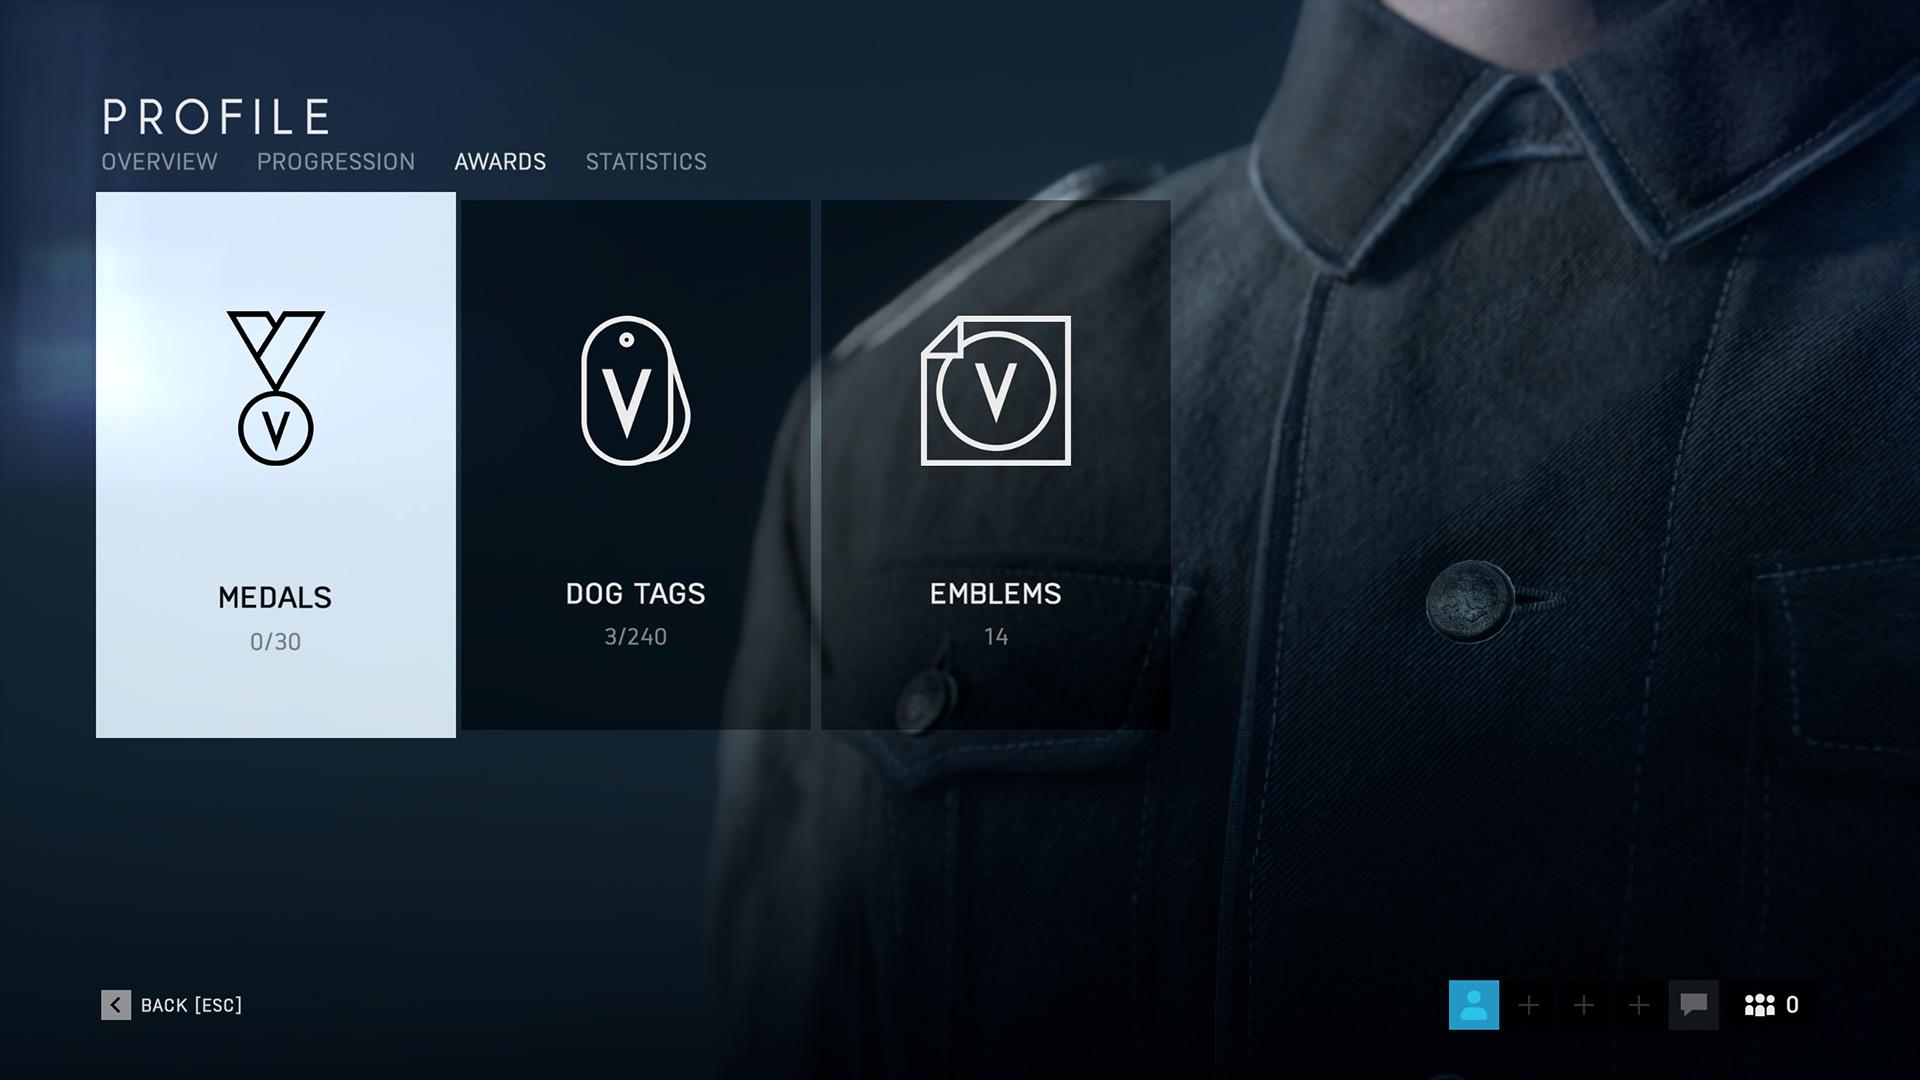 Battlefield V Screenshot 2018_0036_Battlefield V Screenshot 2018.11.11 - 20.28.43.40.jpg